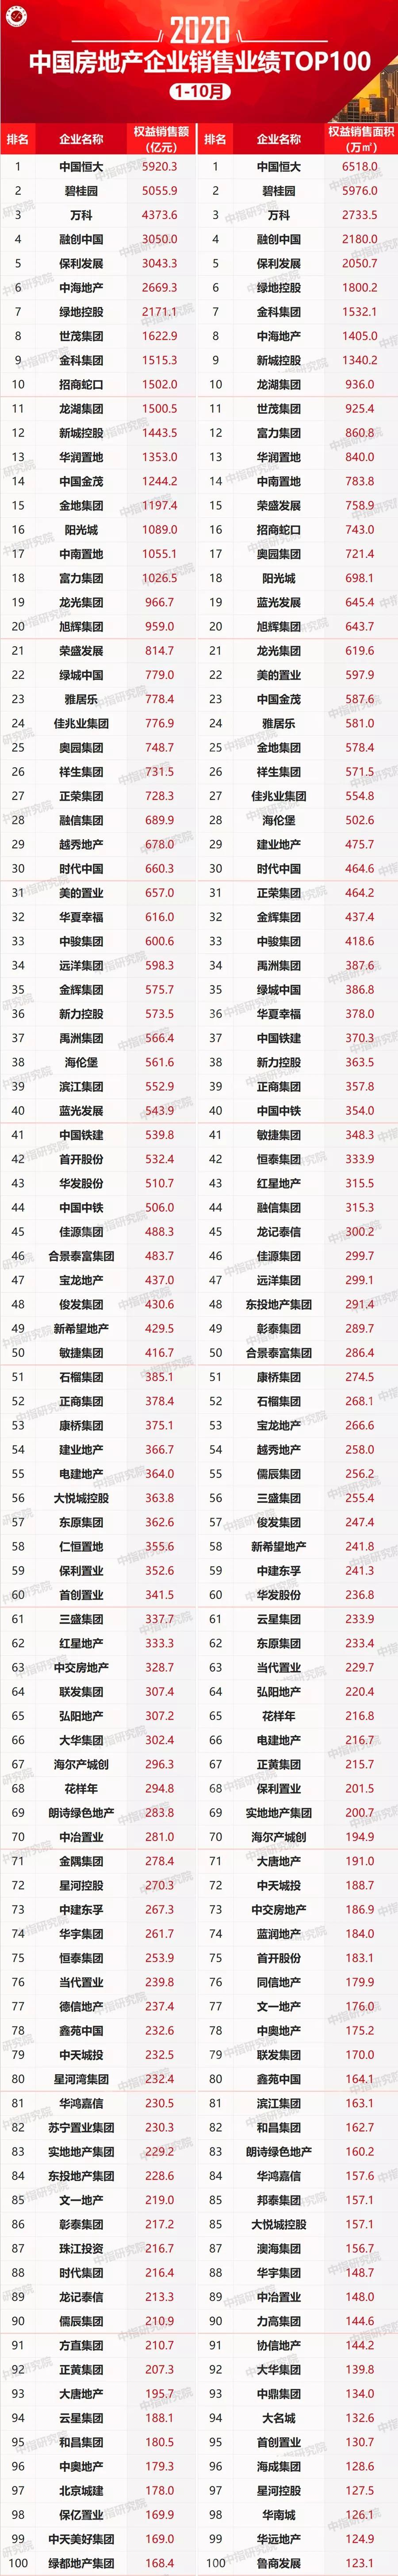 2020年1-10月中国房地产企业销售业绩TOP100